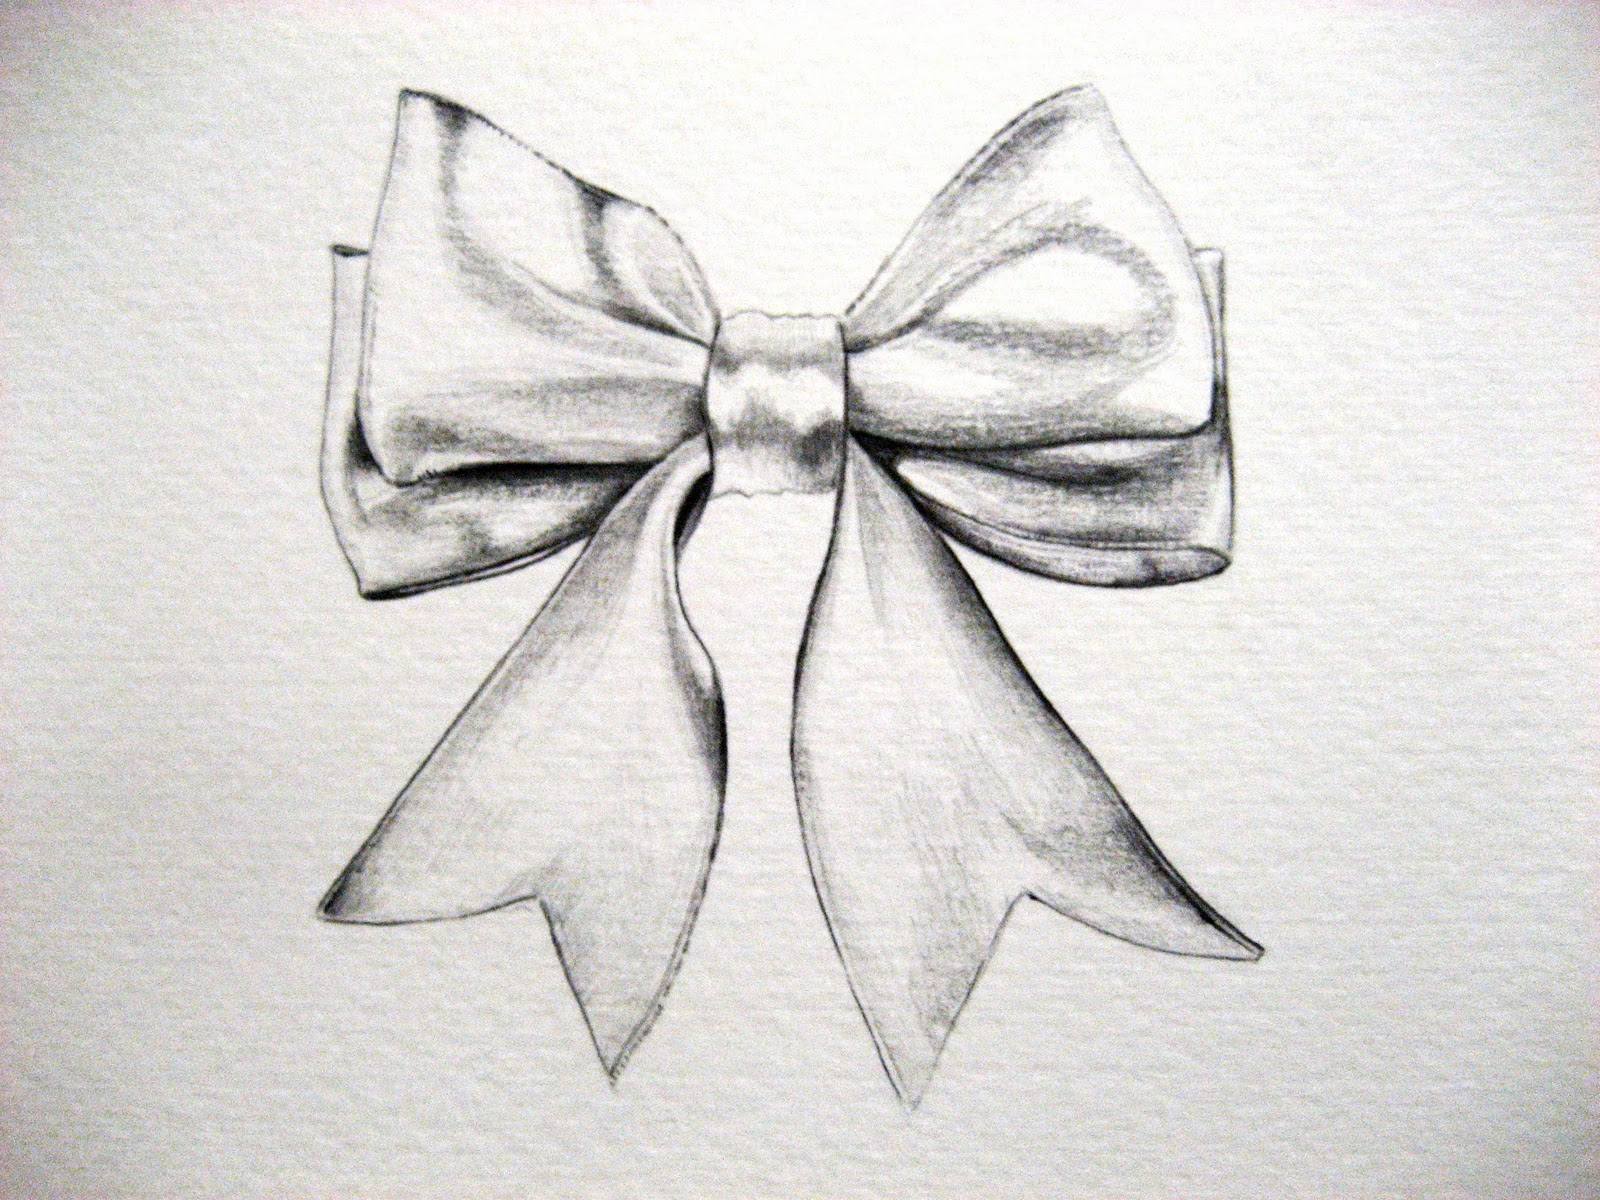 Drawn ribbon pencil drawing Bows for Bow a 17